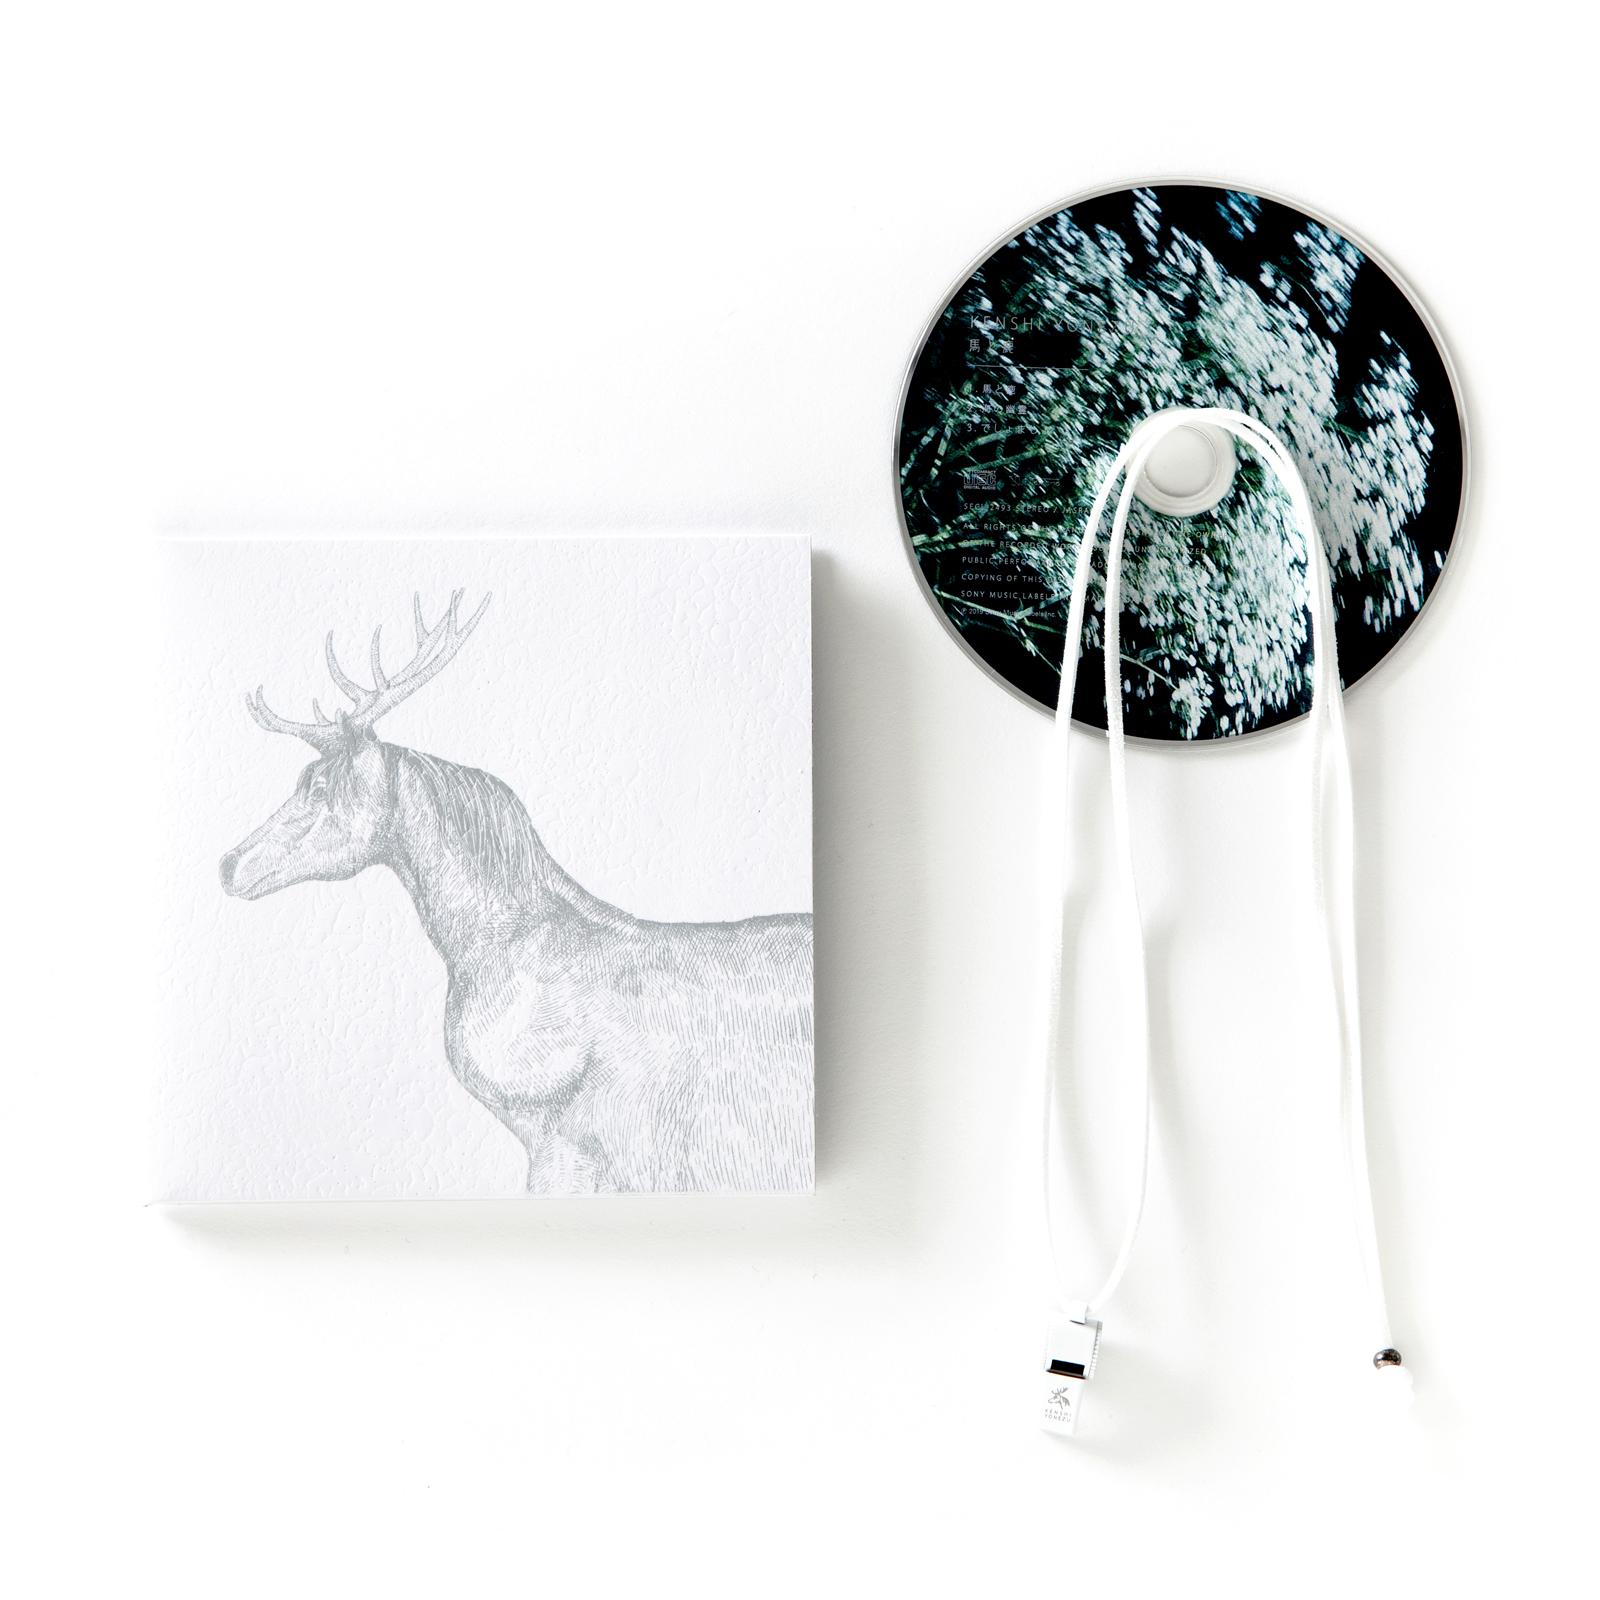 馬と鹿 | 米津玄師 official site「REISSUE RECORDS」